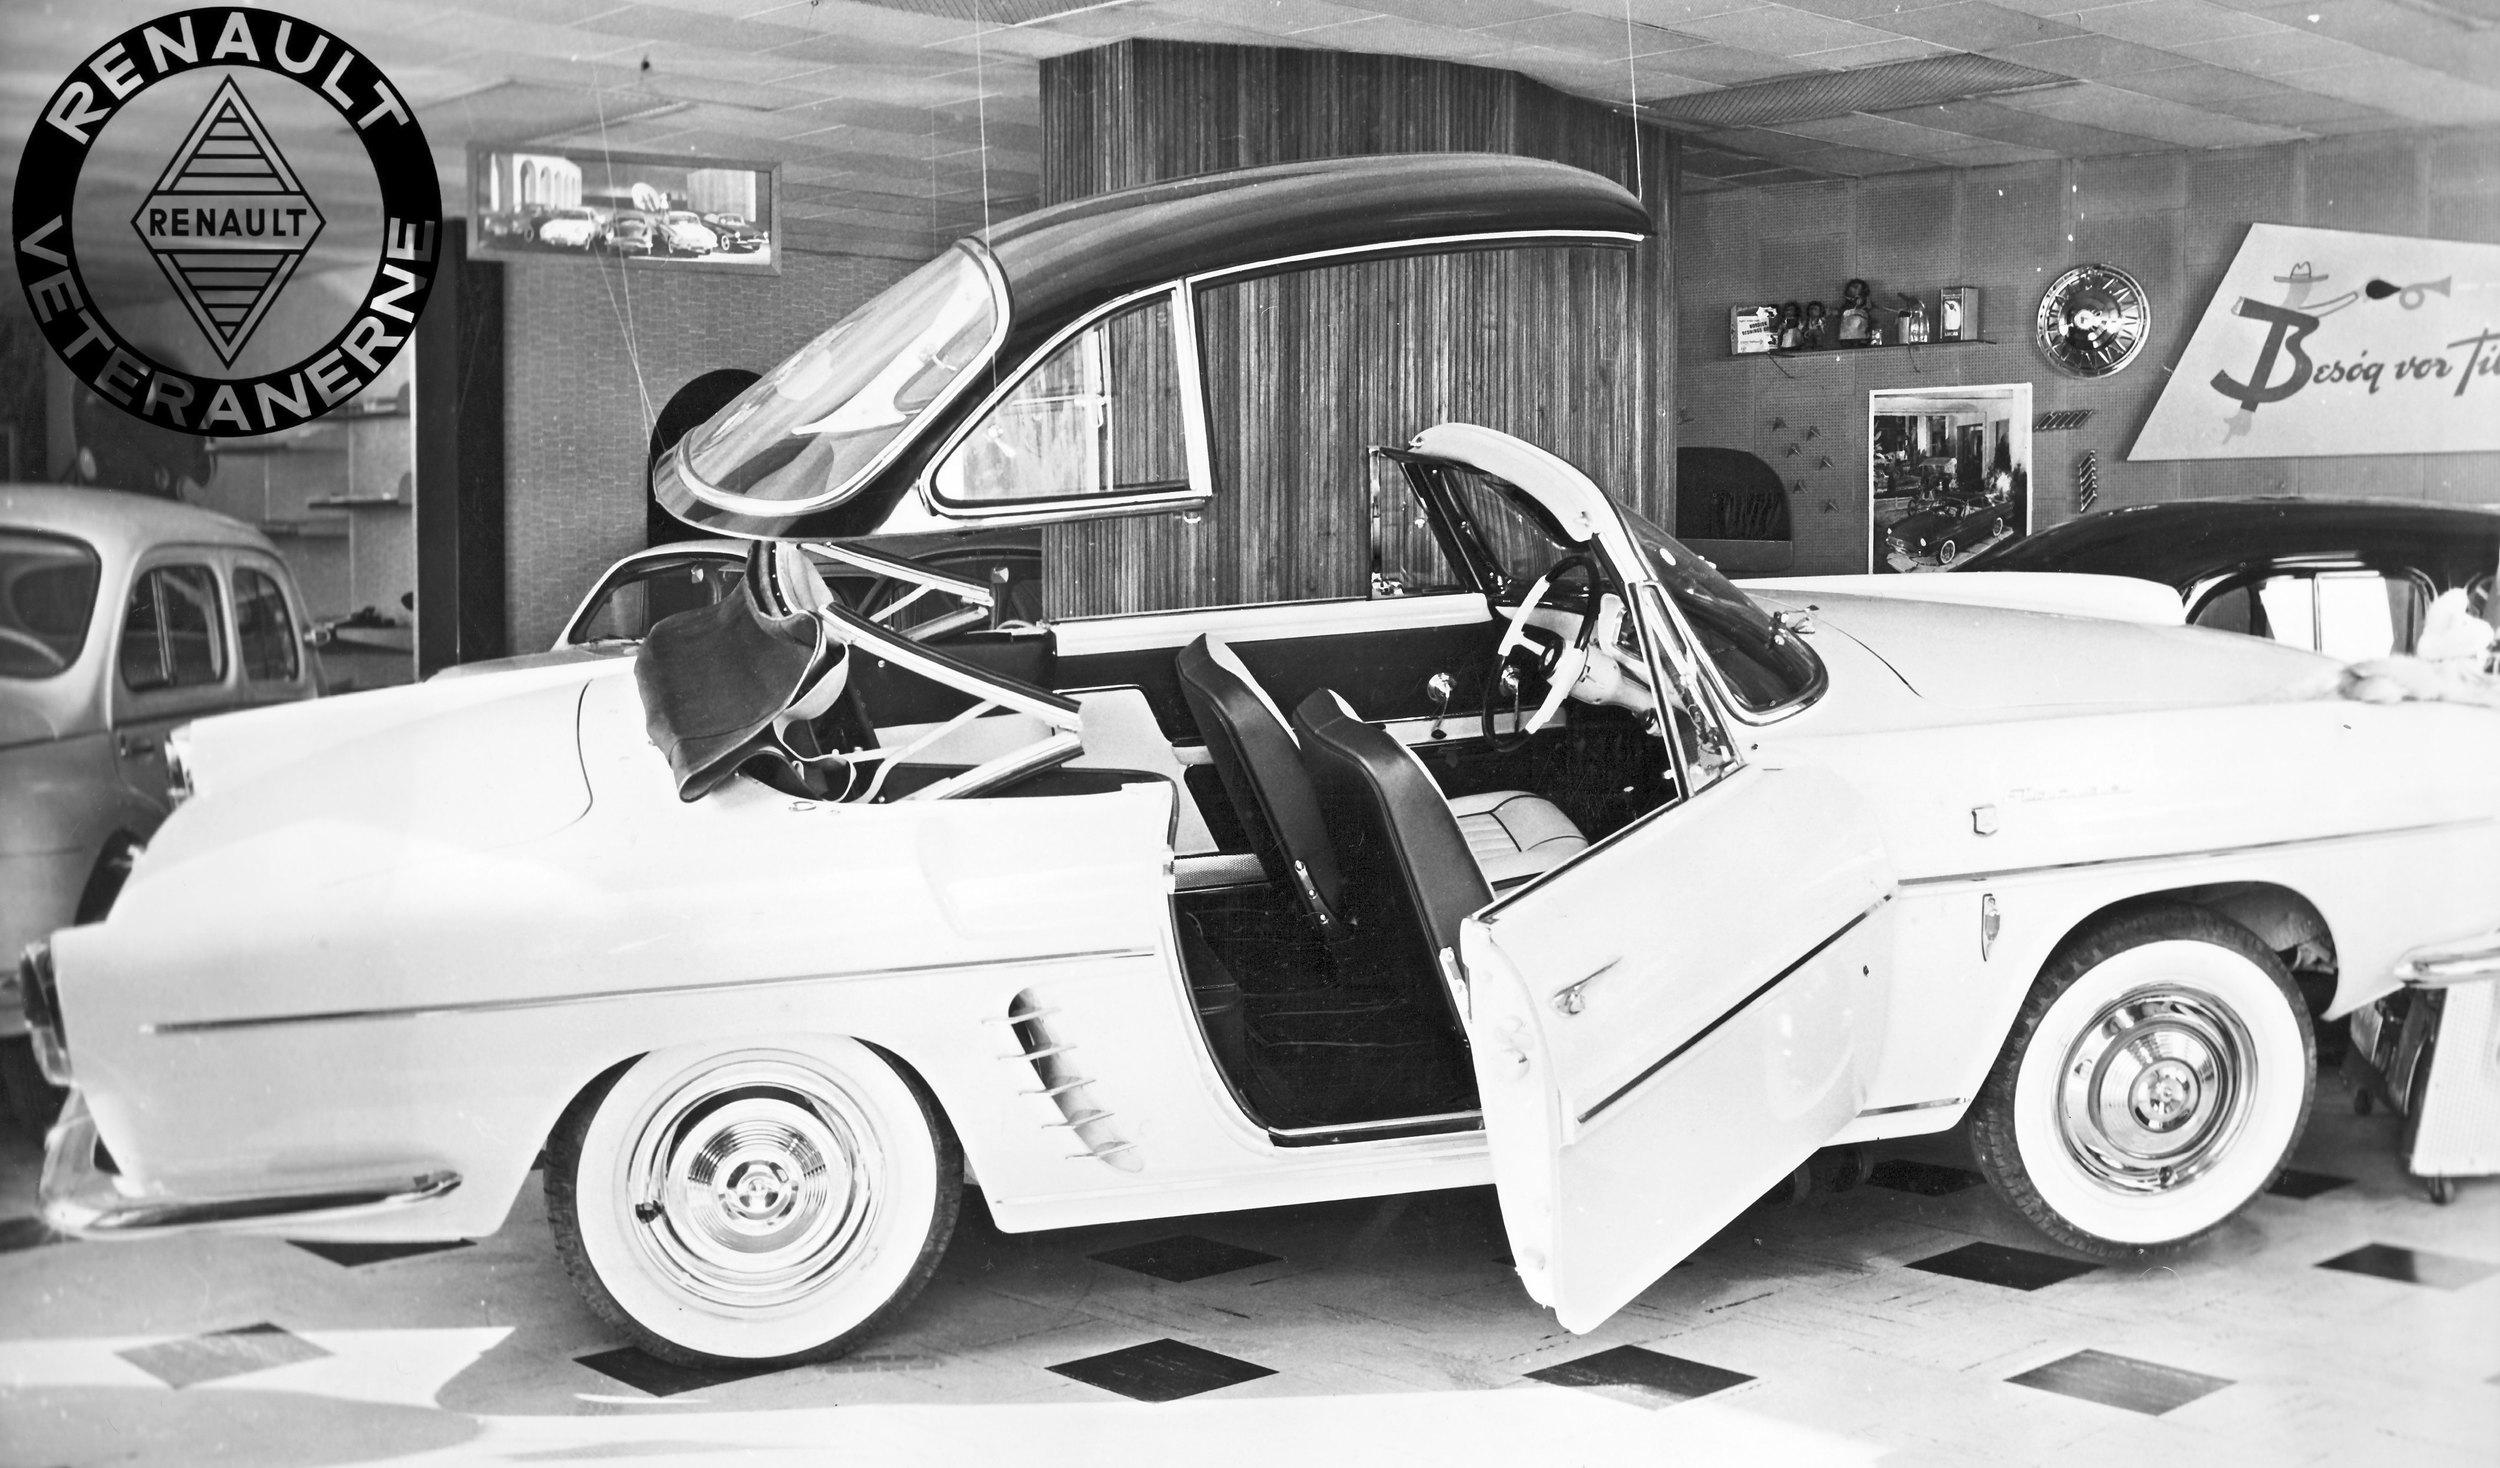 Den unge Vagn Gjerlang fra BH-auto på HC Andersens Boulevard var med til åbningen af biludstillingen i Paris i 1959 – hvor Renault havde præsentation af to nye modeller.Ud over den nye varebil Stafette – var næsten alt fokus rettet mod den nye sportsvogn FLORIDE. Gjerlang var begejstret. Og da de første Florider kom til Danmark tidligt i 1960 lavede BH-Auto en efter tiden meget særpræget udstilling hvor Vagn havde fået hardtoppen til at køre op og ned.